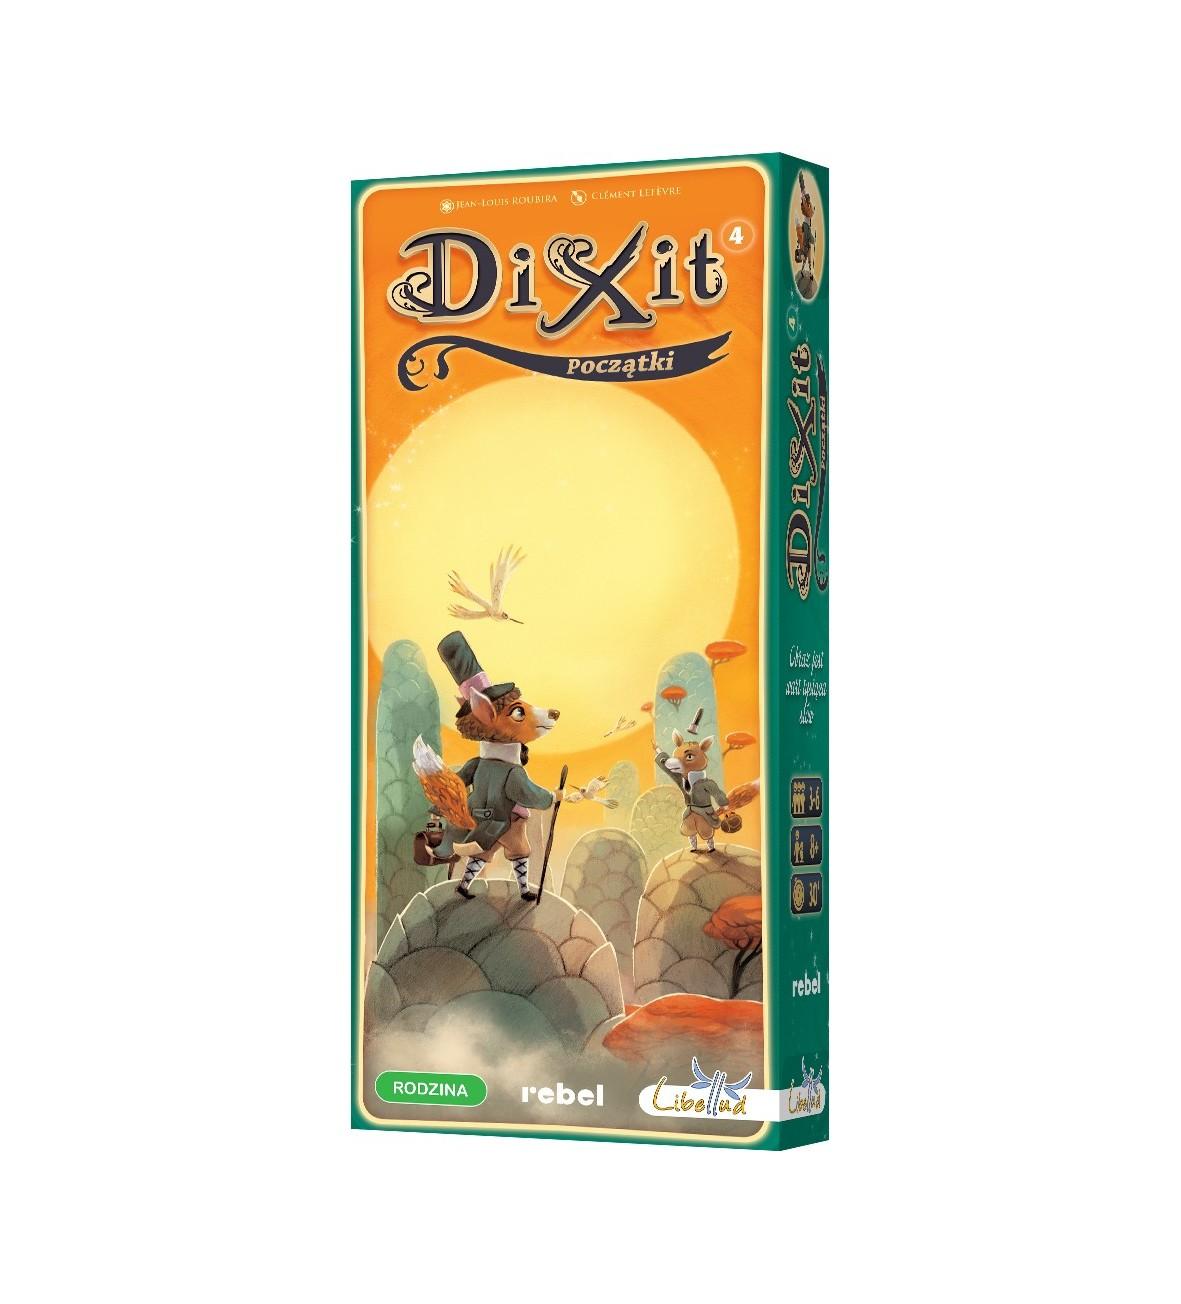 Gra Dixit 4, Początki